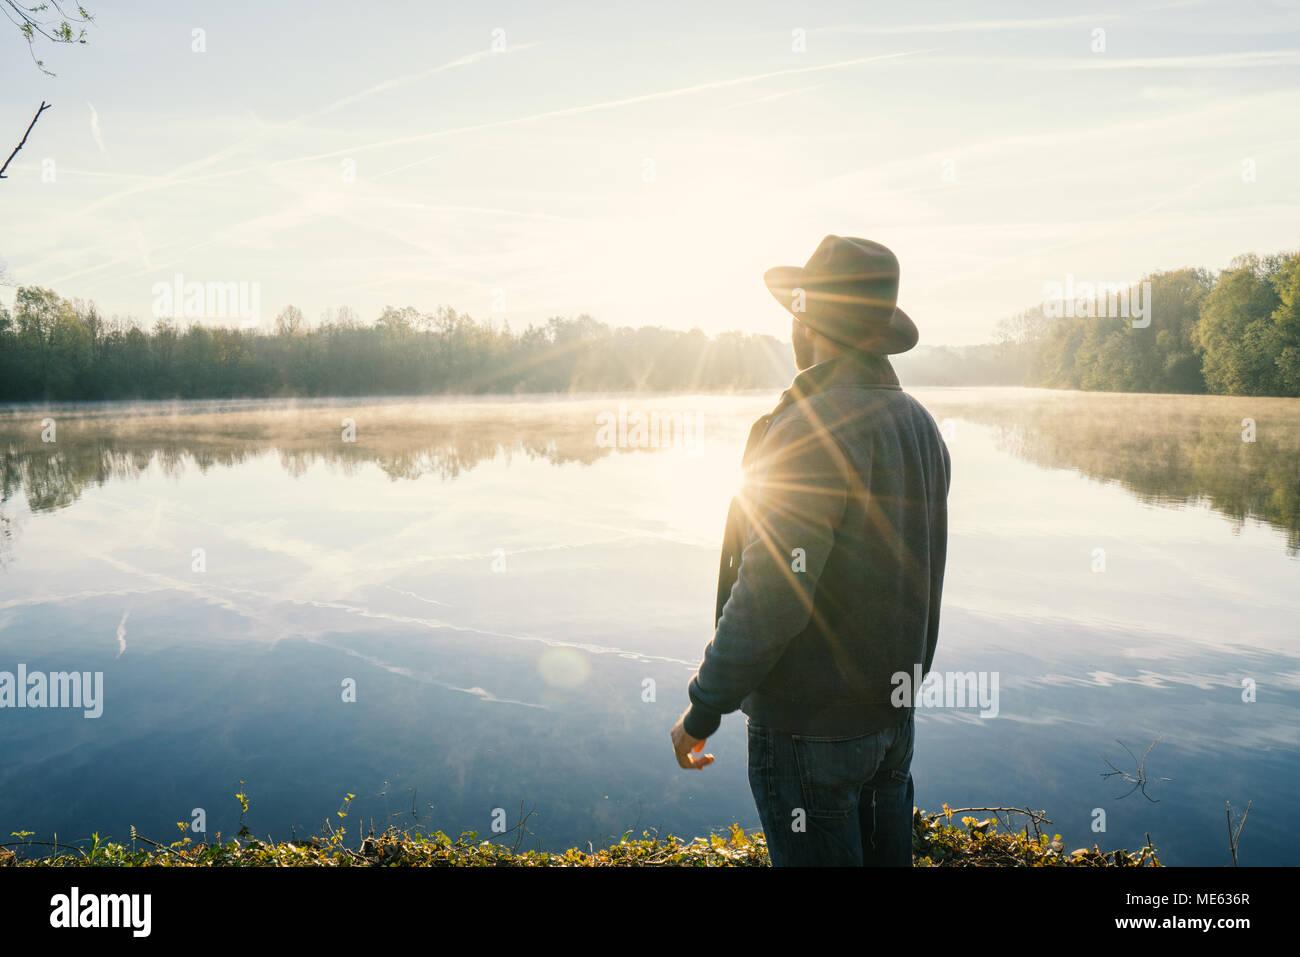 Giovane uomo di contemplare la natura in riva al lago di sunrise, primavera, in Francia, in Europa. Persone Viaggi relax nella natura del concetto. Immagine dai toni Foto Stock